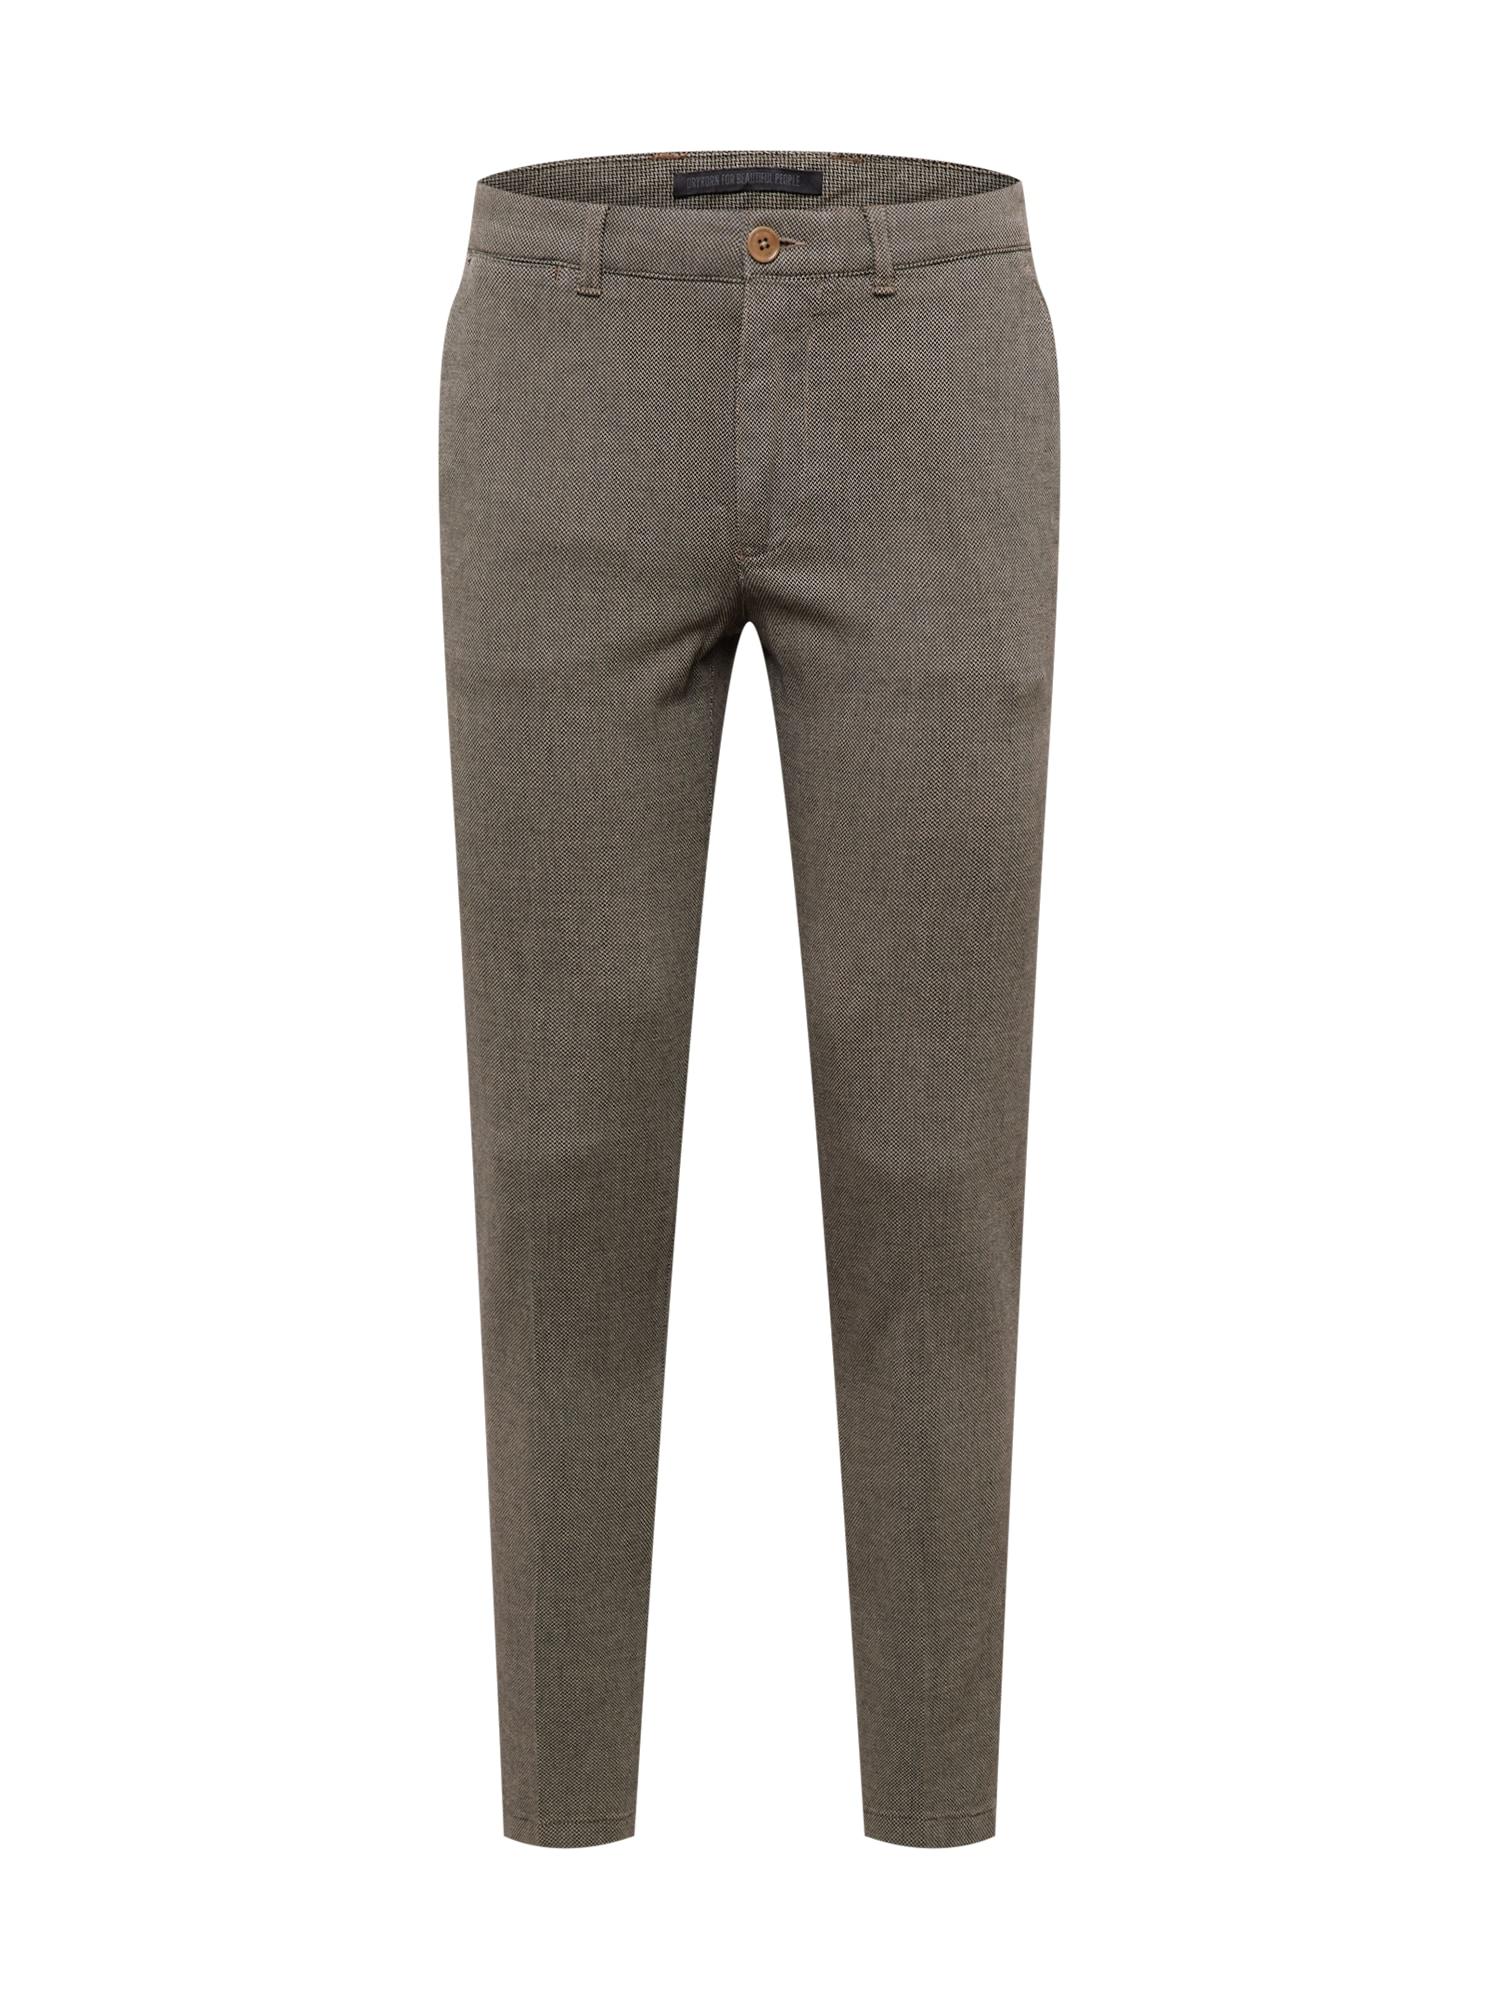 DRYKORN Chino kalhoty 'MAD'  světle hnědá / tmavě hnědá